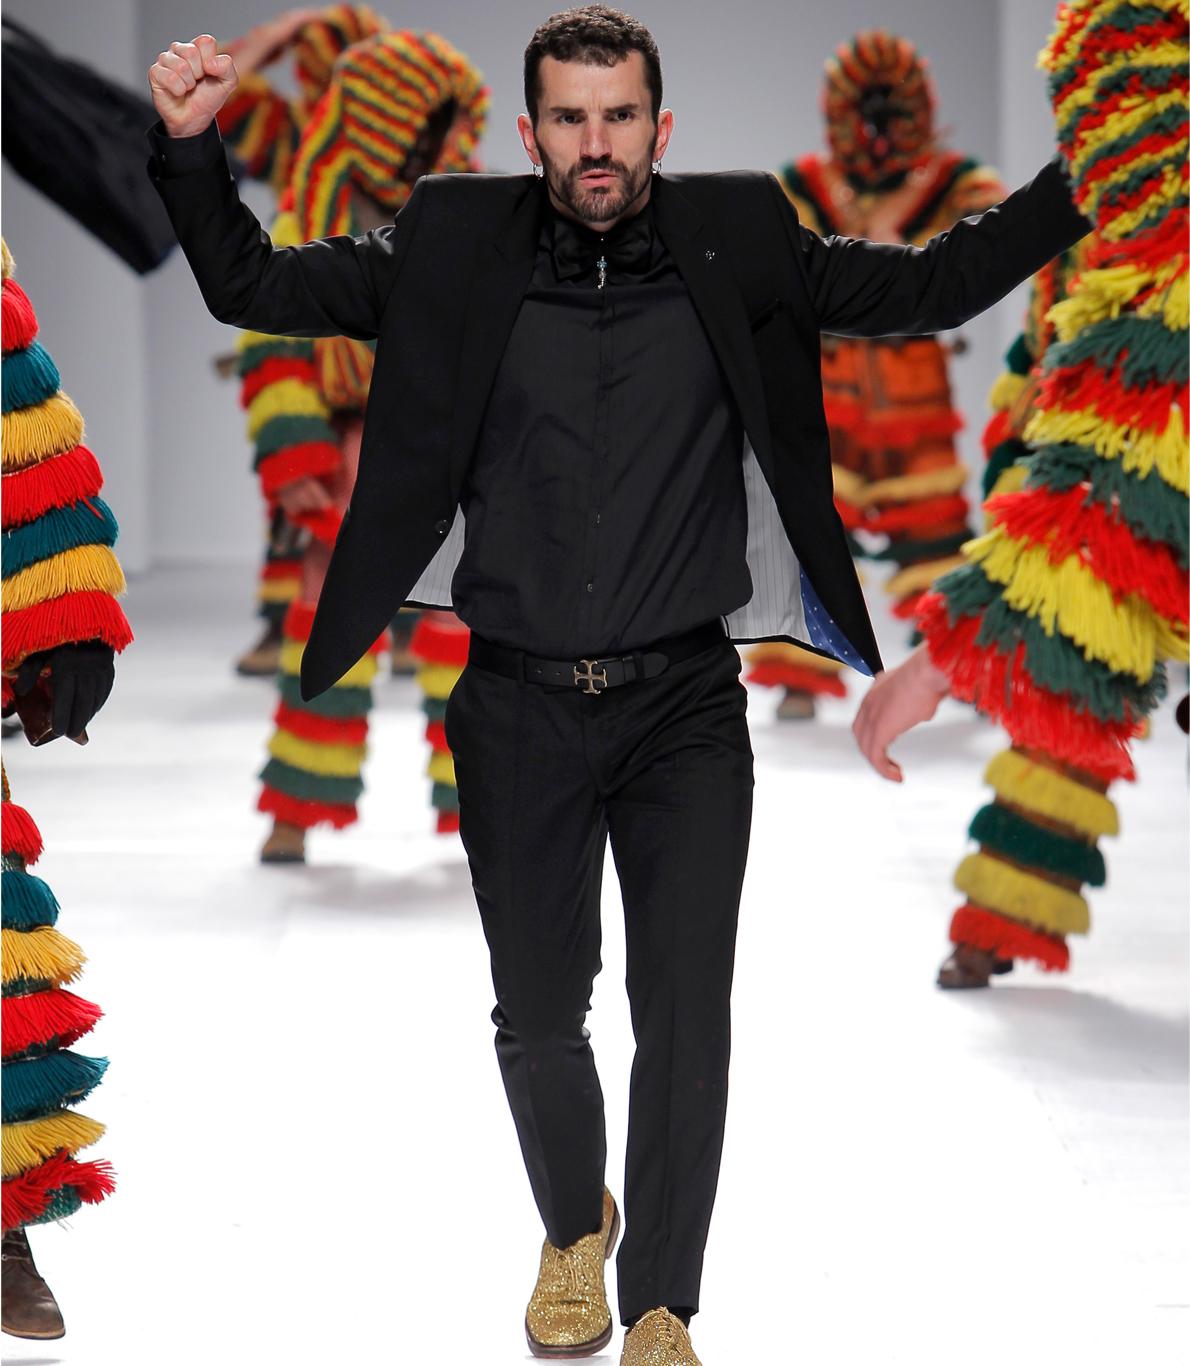 """Modelo a desfilar com um fato preto do design Nuno Gama. Ao fundo conseguimos observar os Caretos de Podence que """"invadiram"""" todo o desfile."""